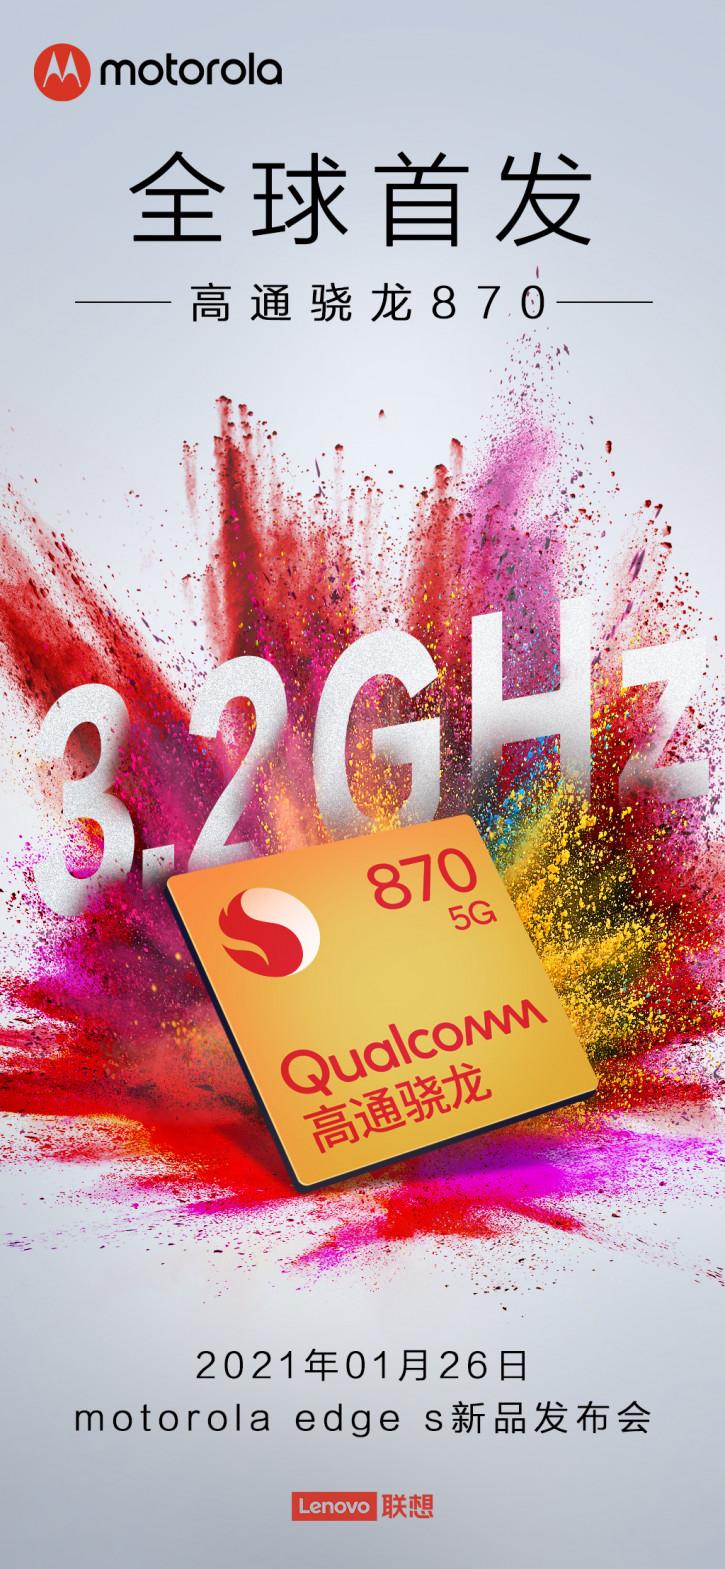 Официально: мировой дебют Snapdragon 870 состоится в Motorola Edge S